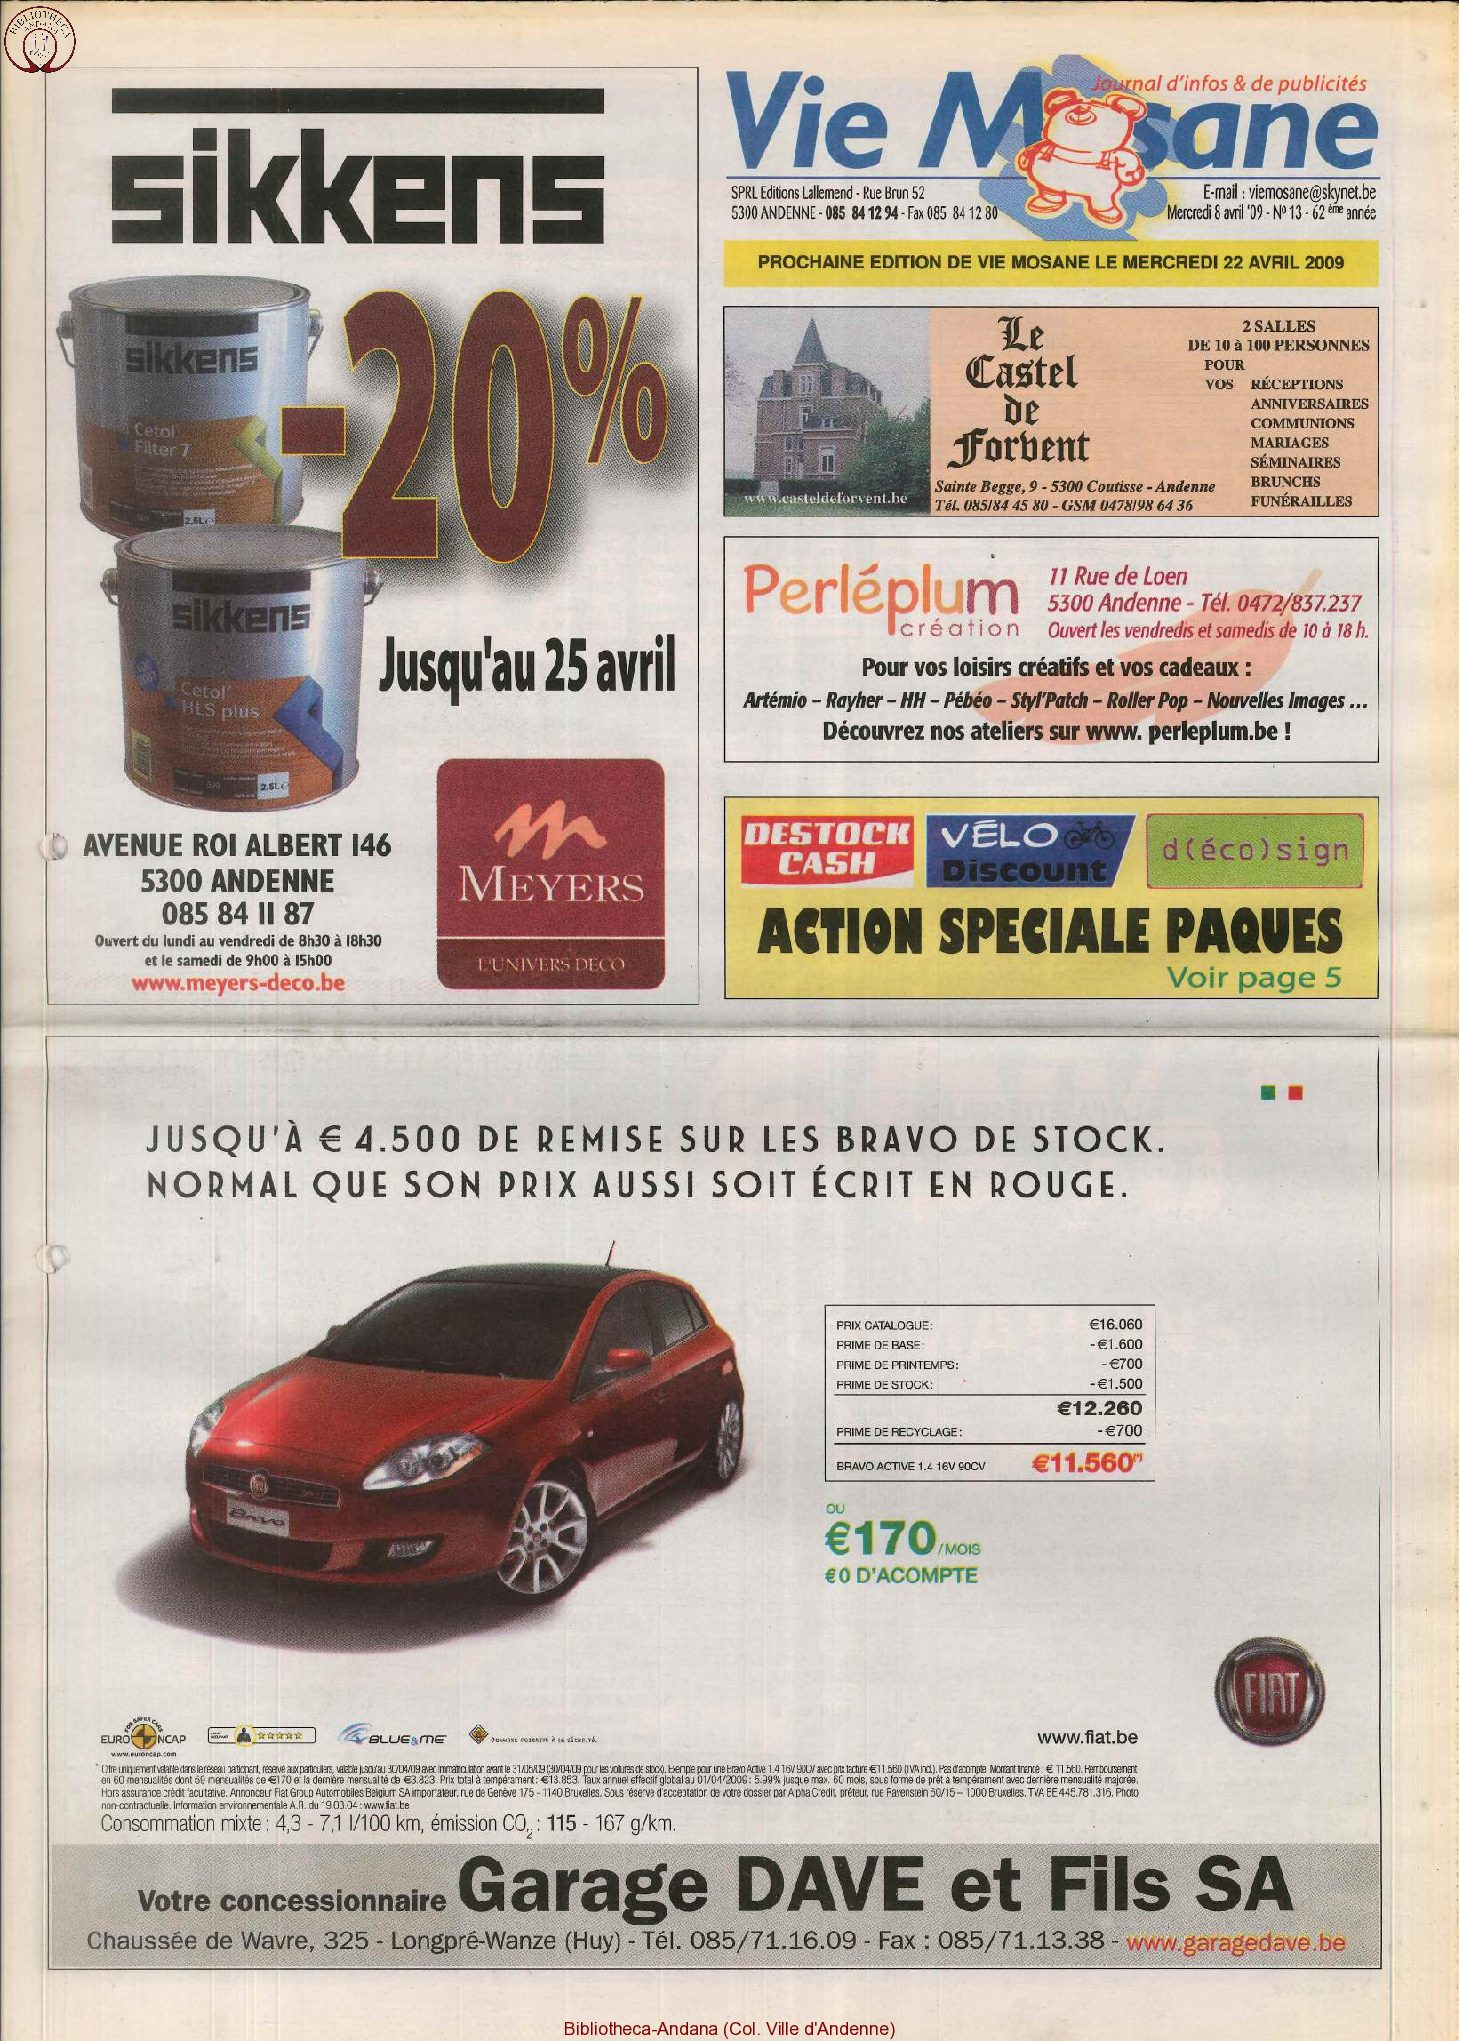 62e année - n°13 - 8 avril 2009